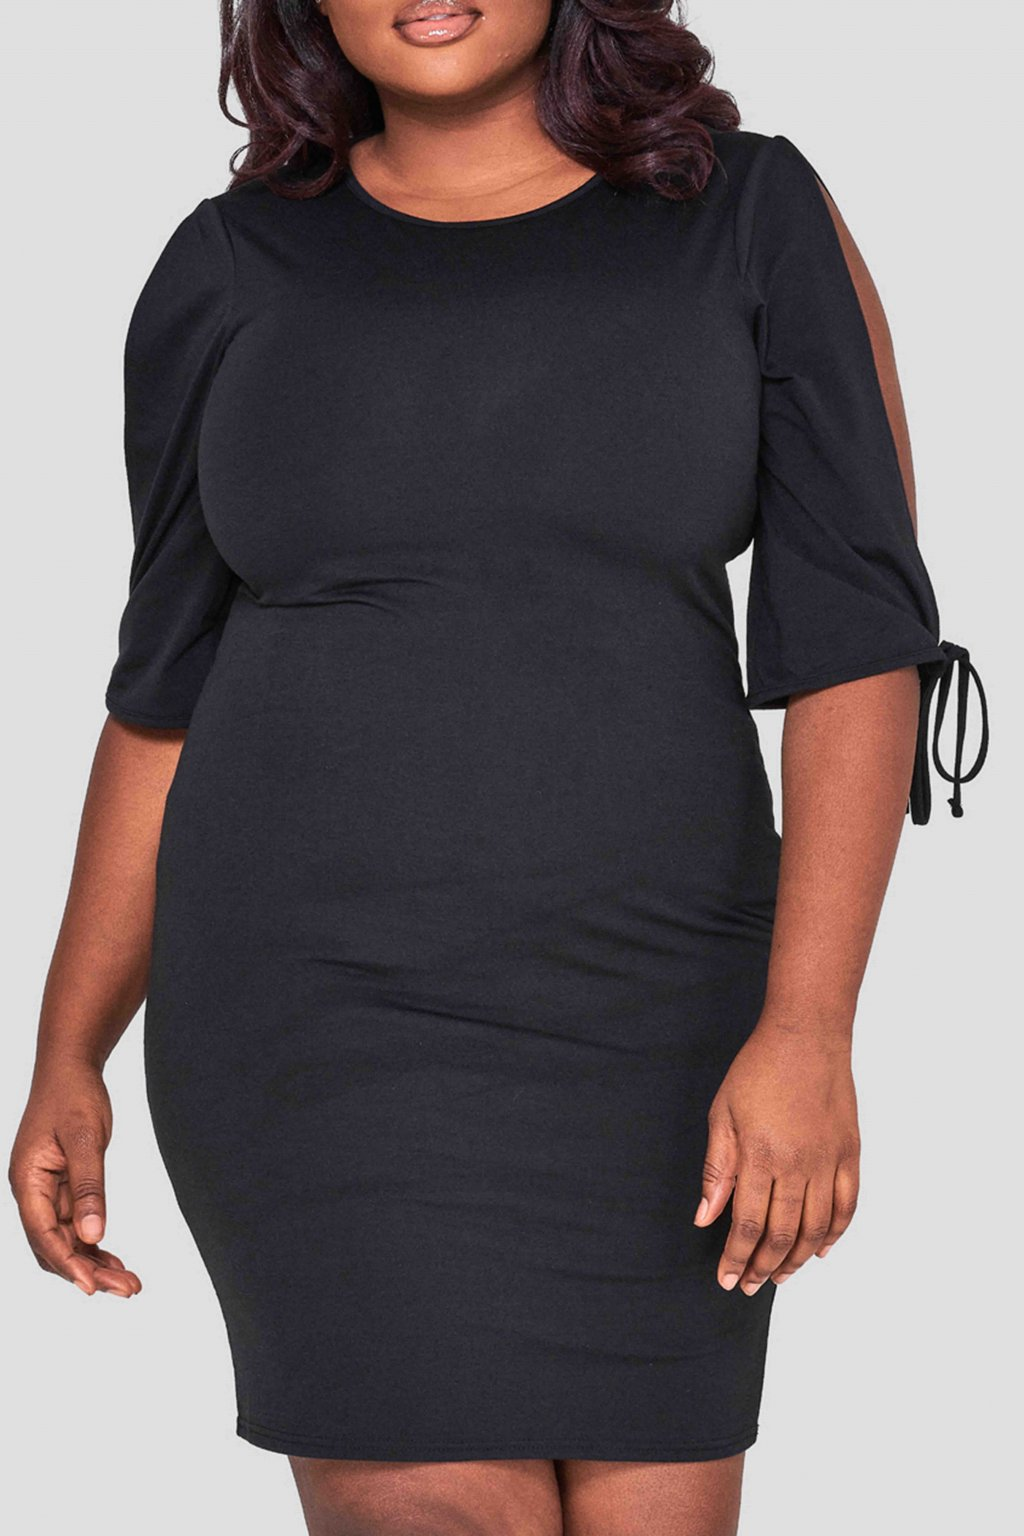 Dámské šaty Burford černé 4